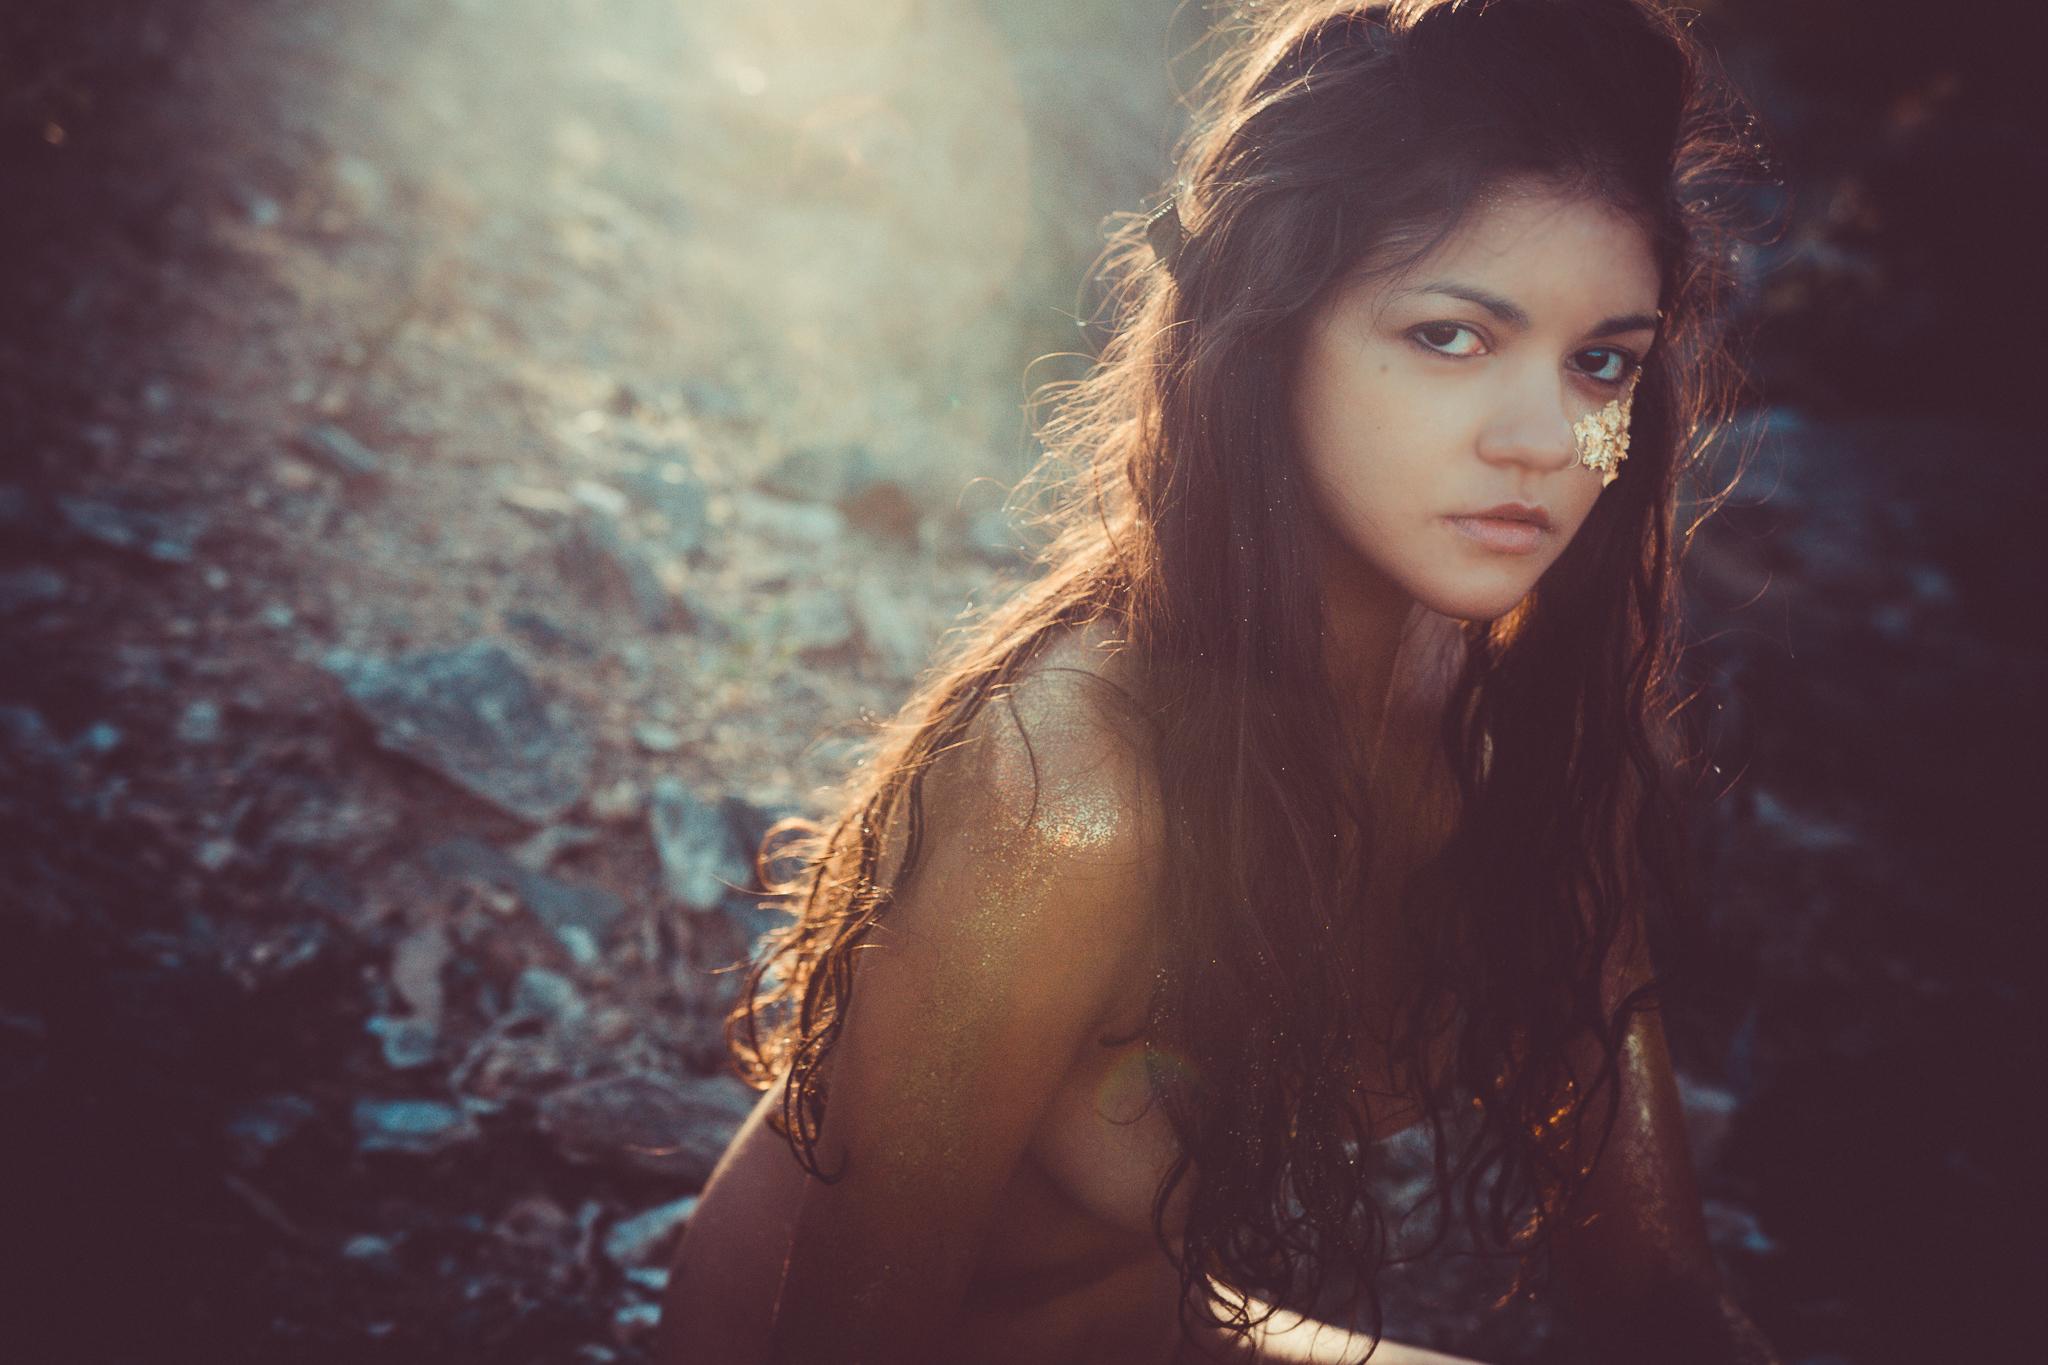 calgaryphotographer22